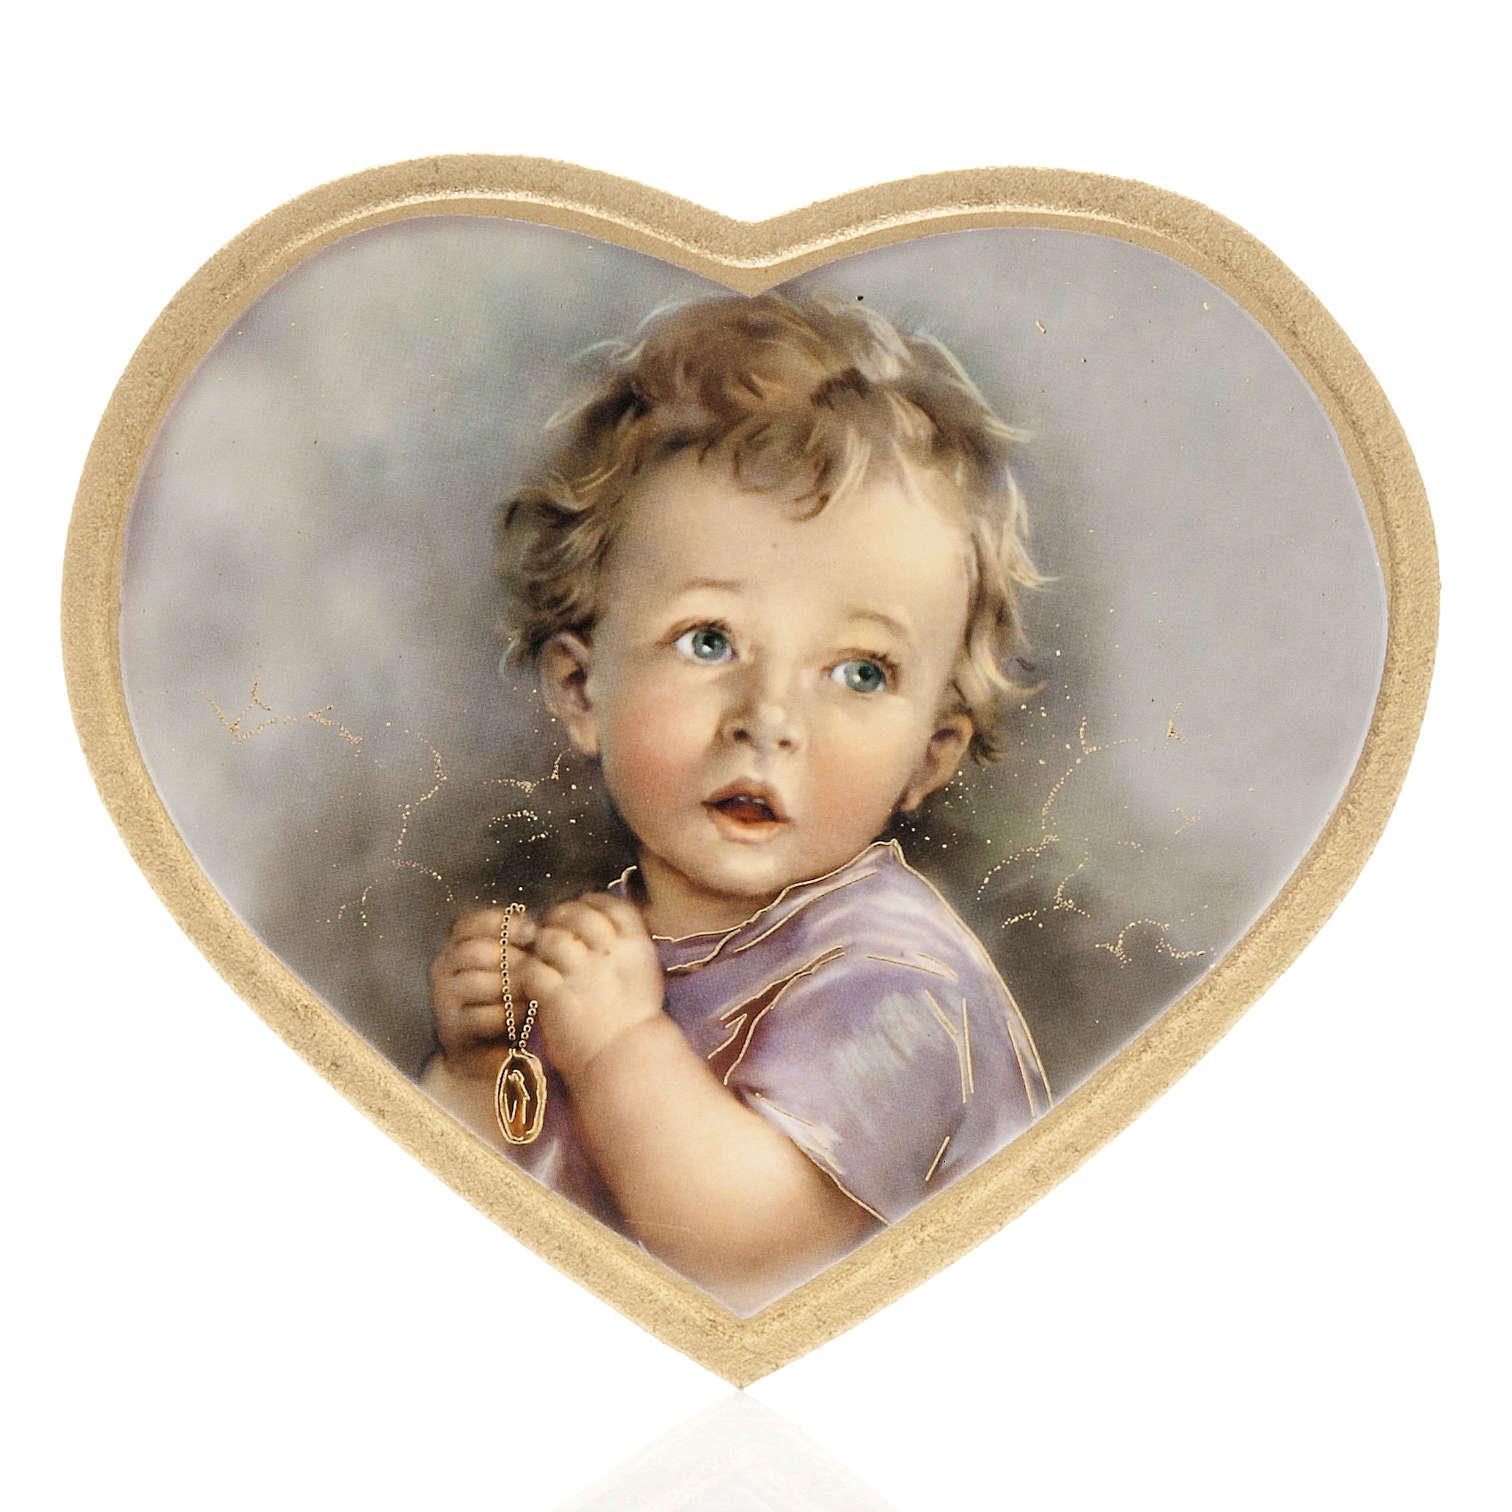 Stampa legno cuore bimbo sfondo grigio 3